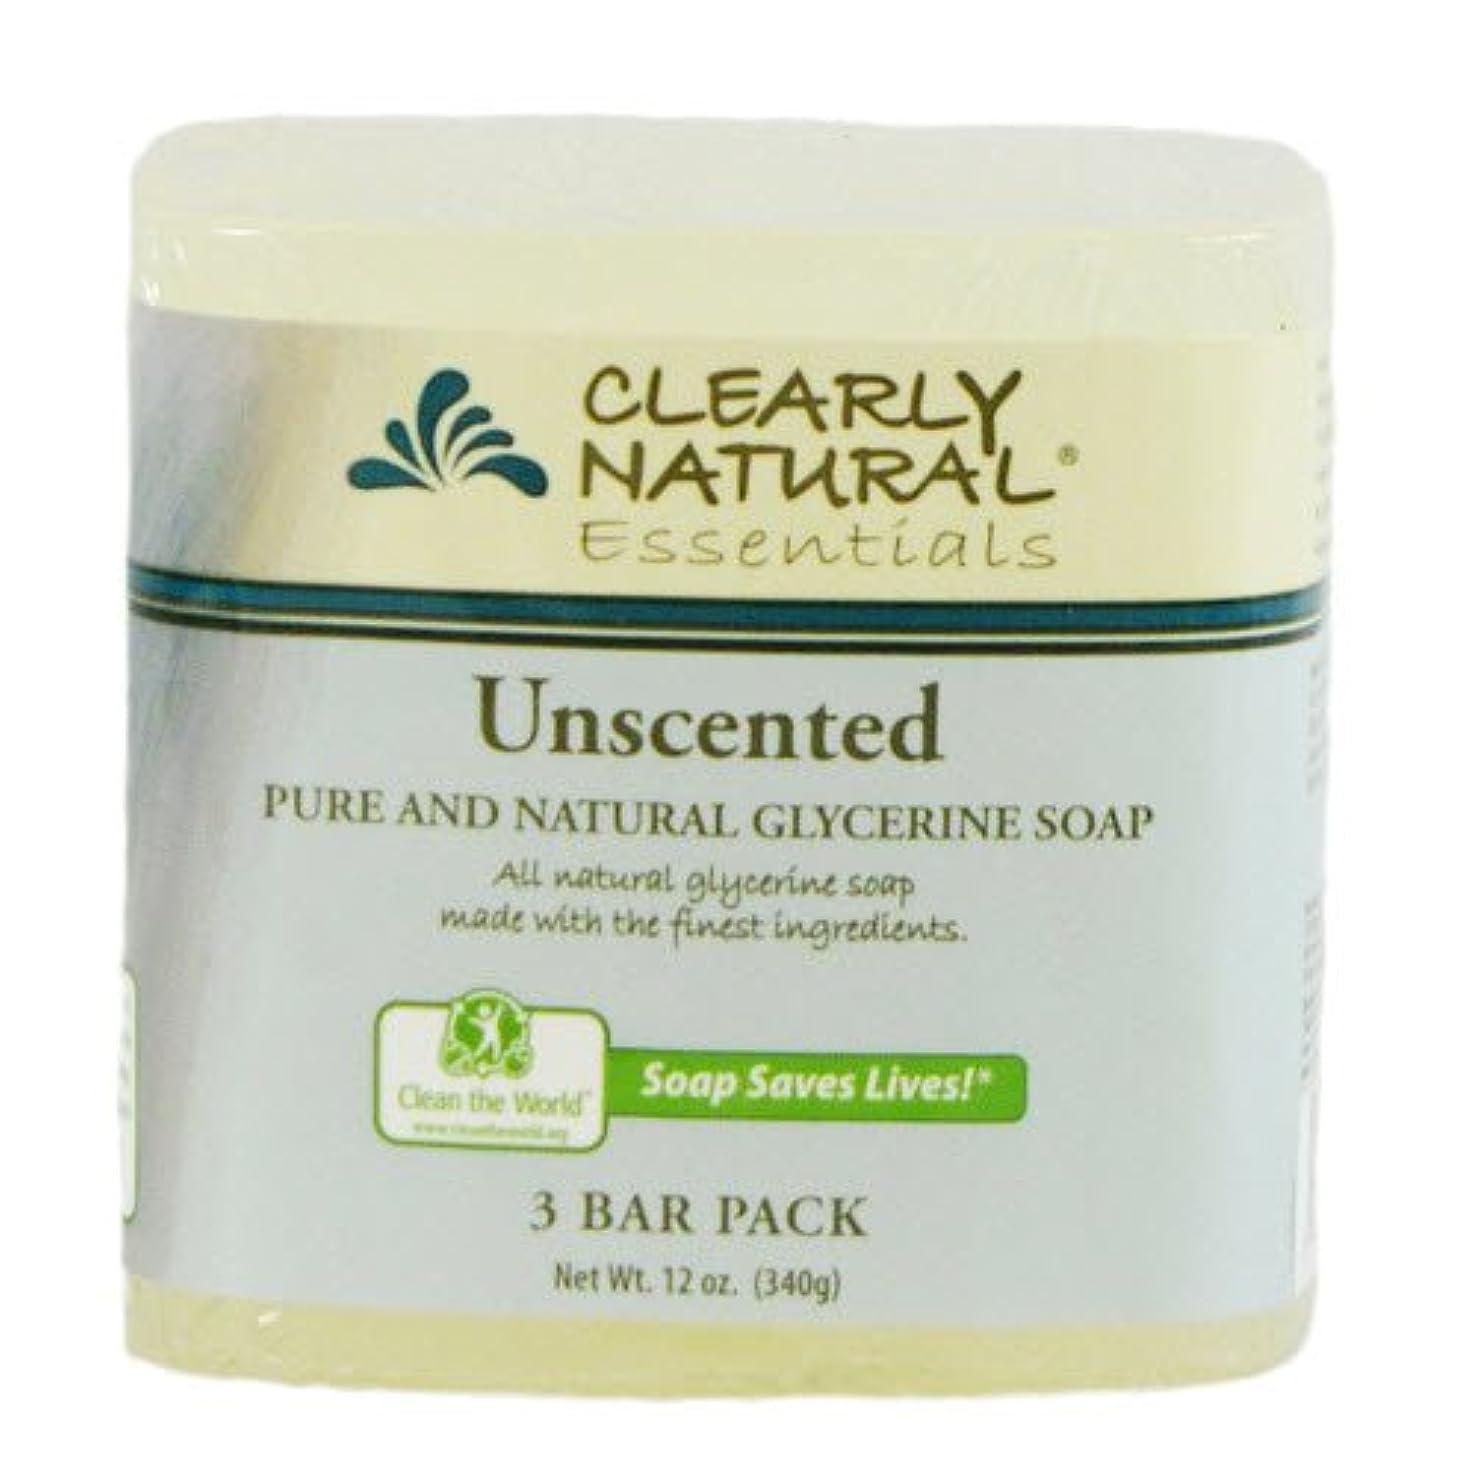 別れるワーカー半球Clearly Natural, Pure and Natural Glycerine Soap, Unscented, 3 Bar Pack, 4 oz Each